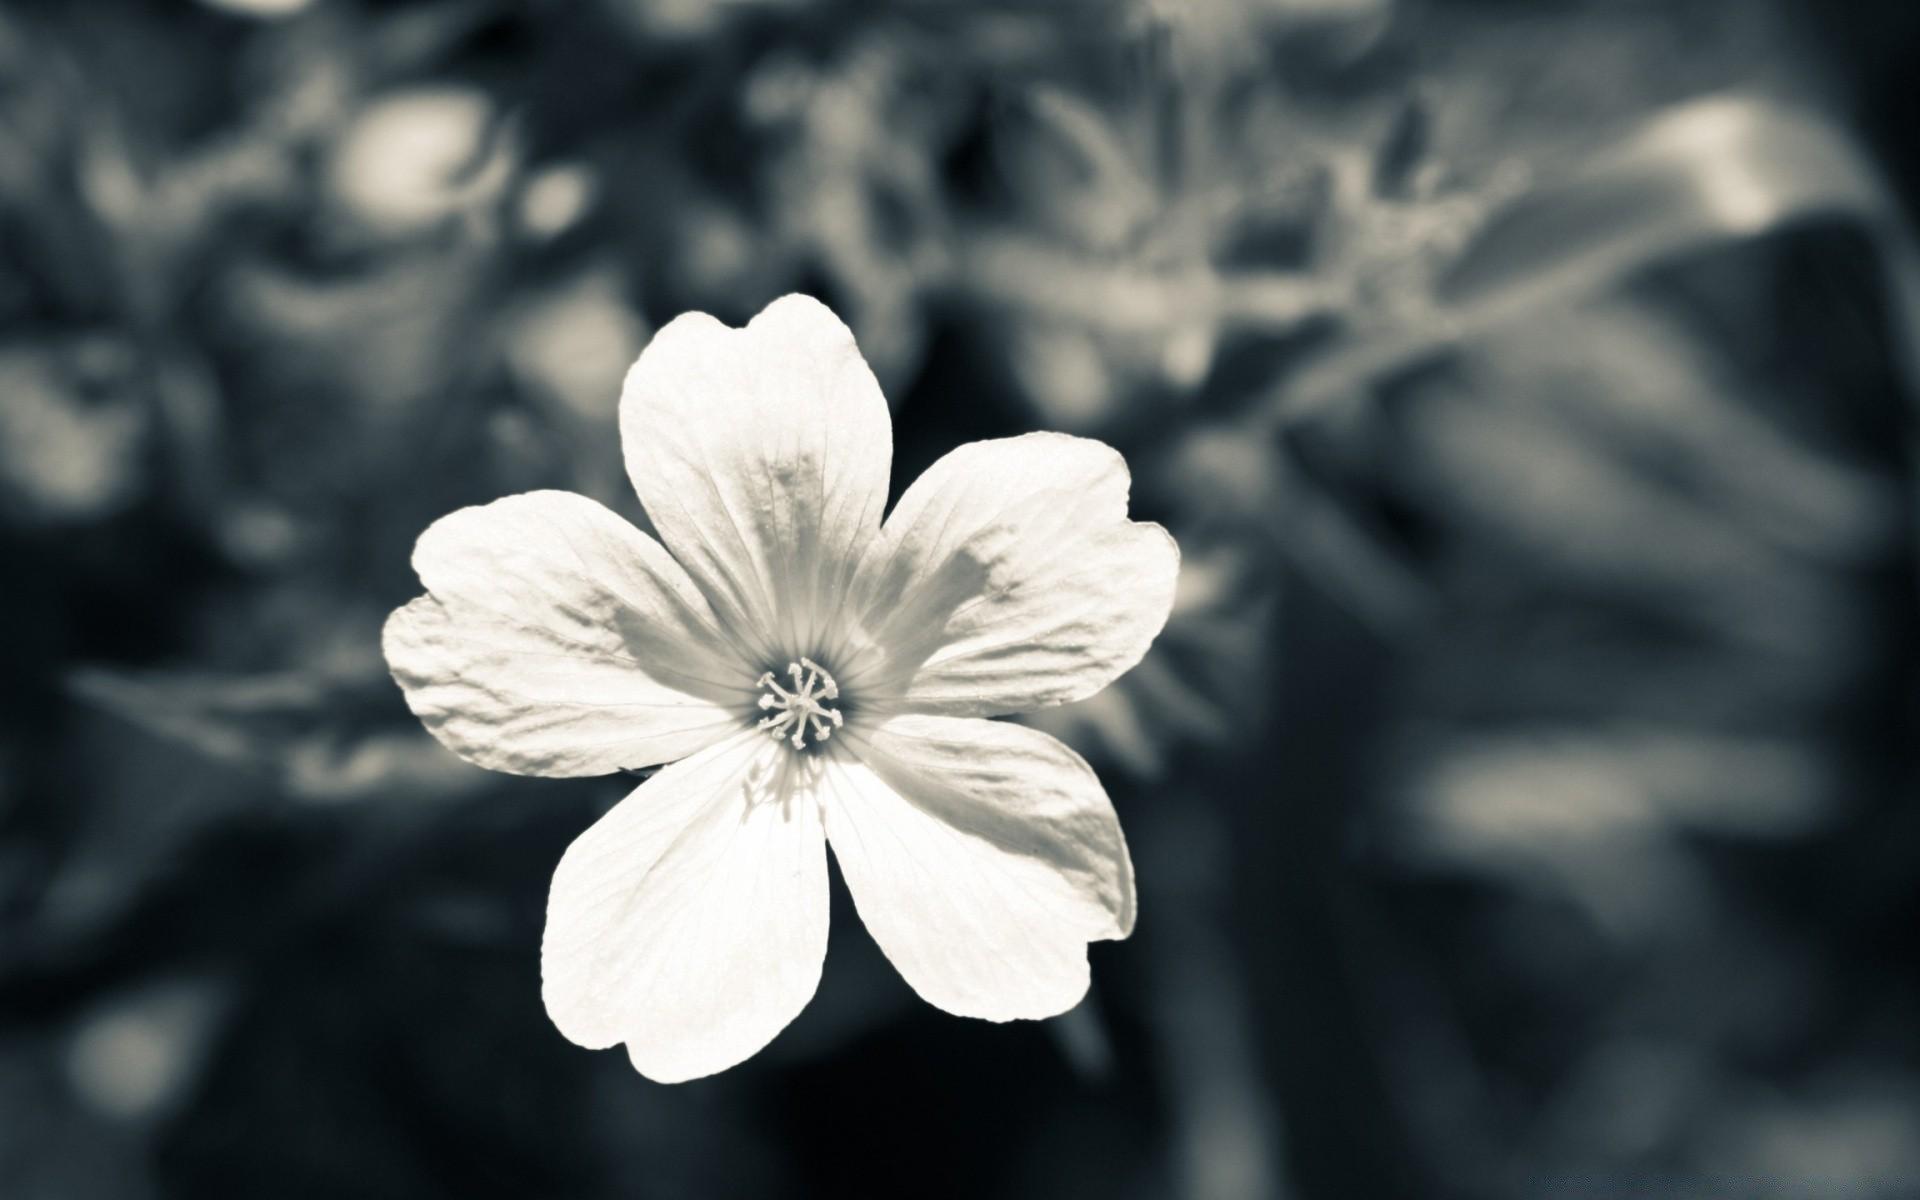 цветы на столе картинки черно-белые меру калорийный содержит